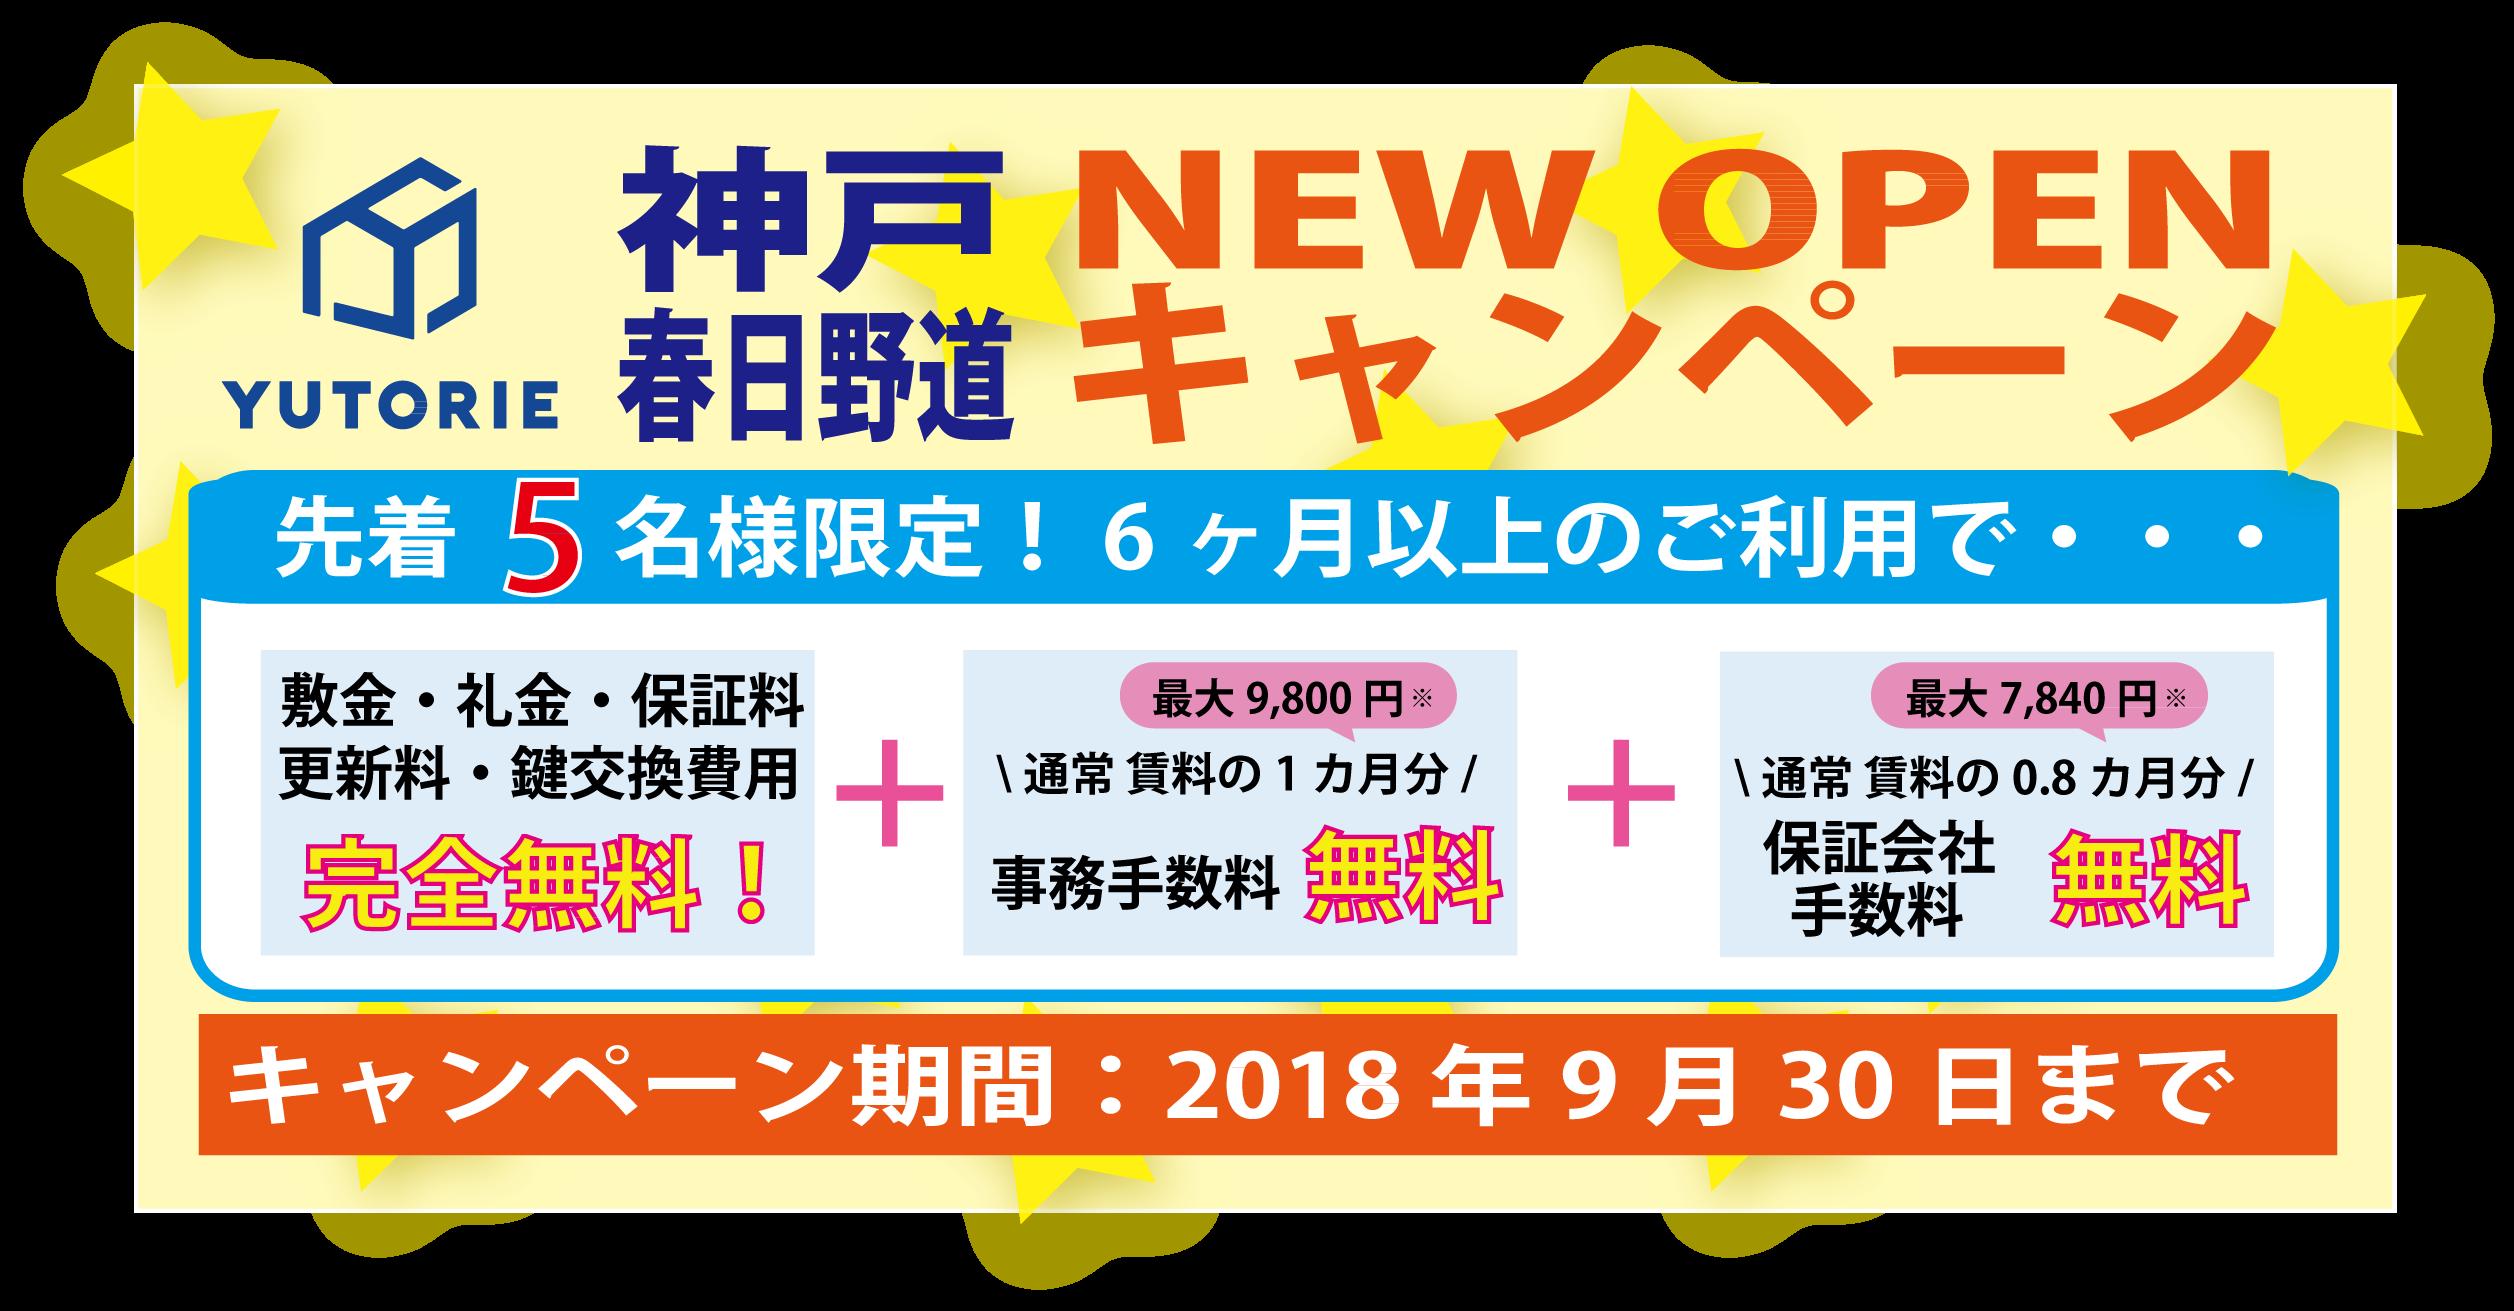 神戸トランクルーム格安キャンペーン